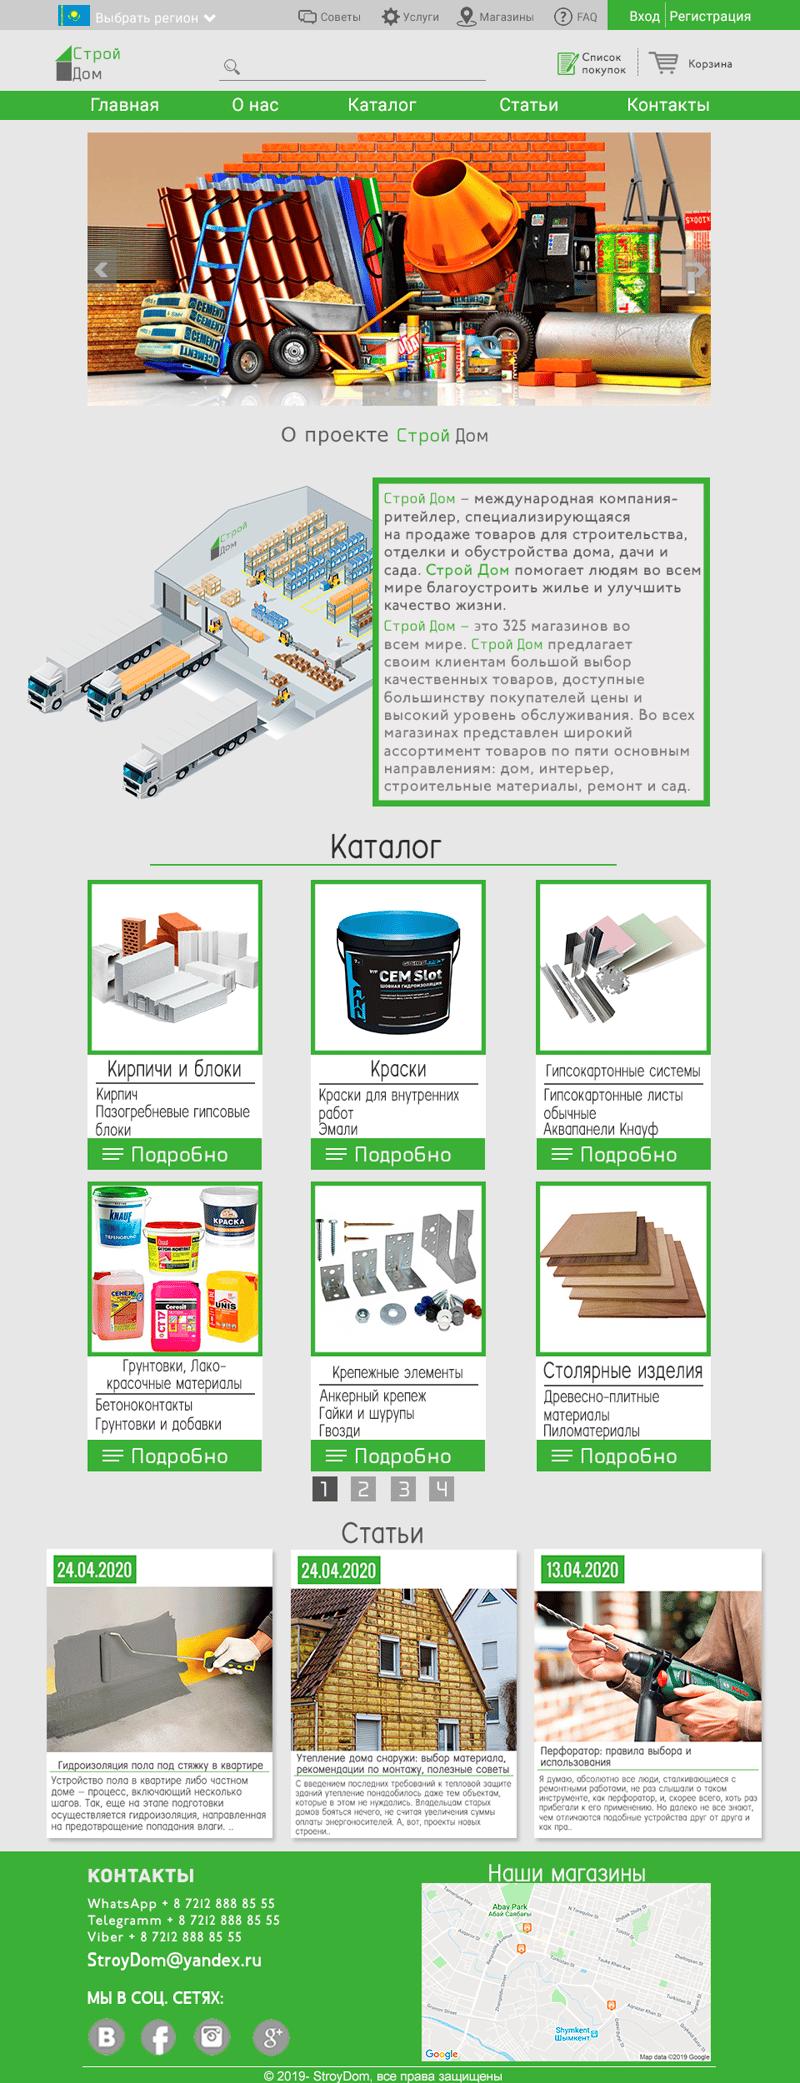 Сайт стройматериала – работа в портфолио фрилансера